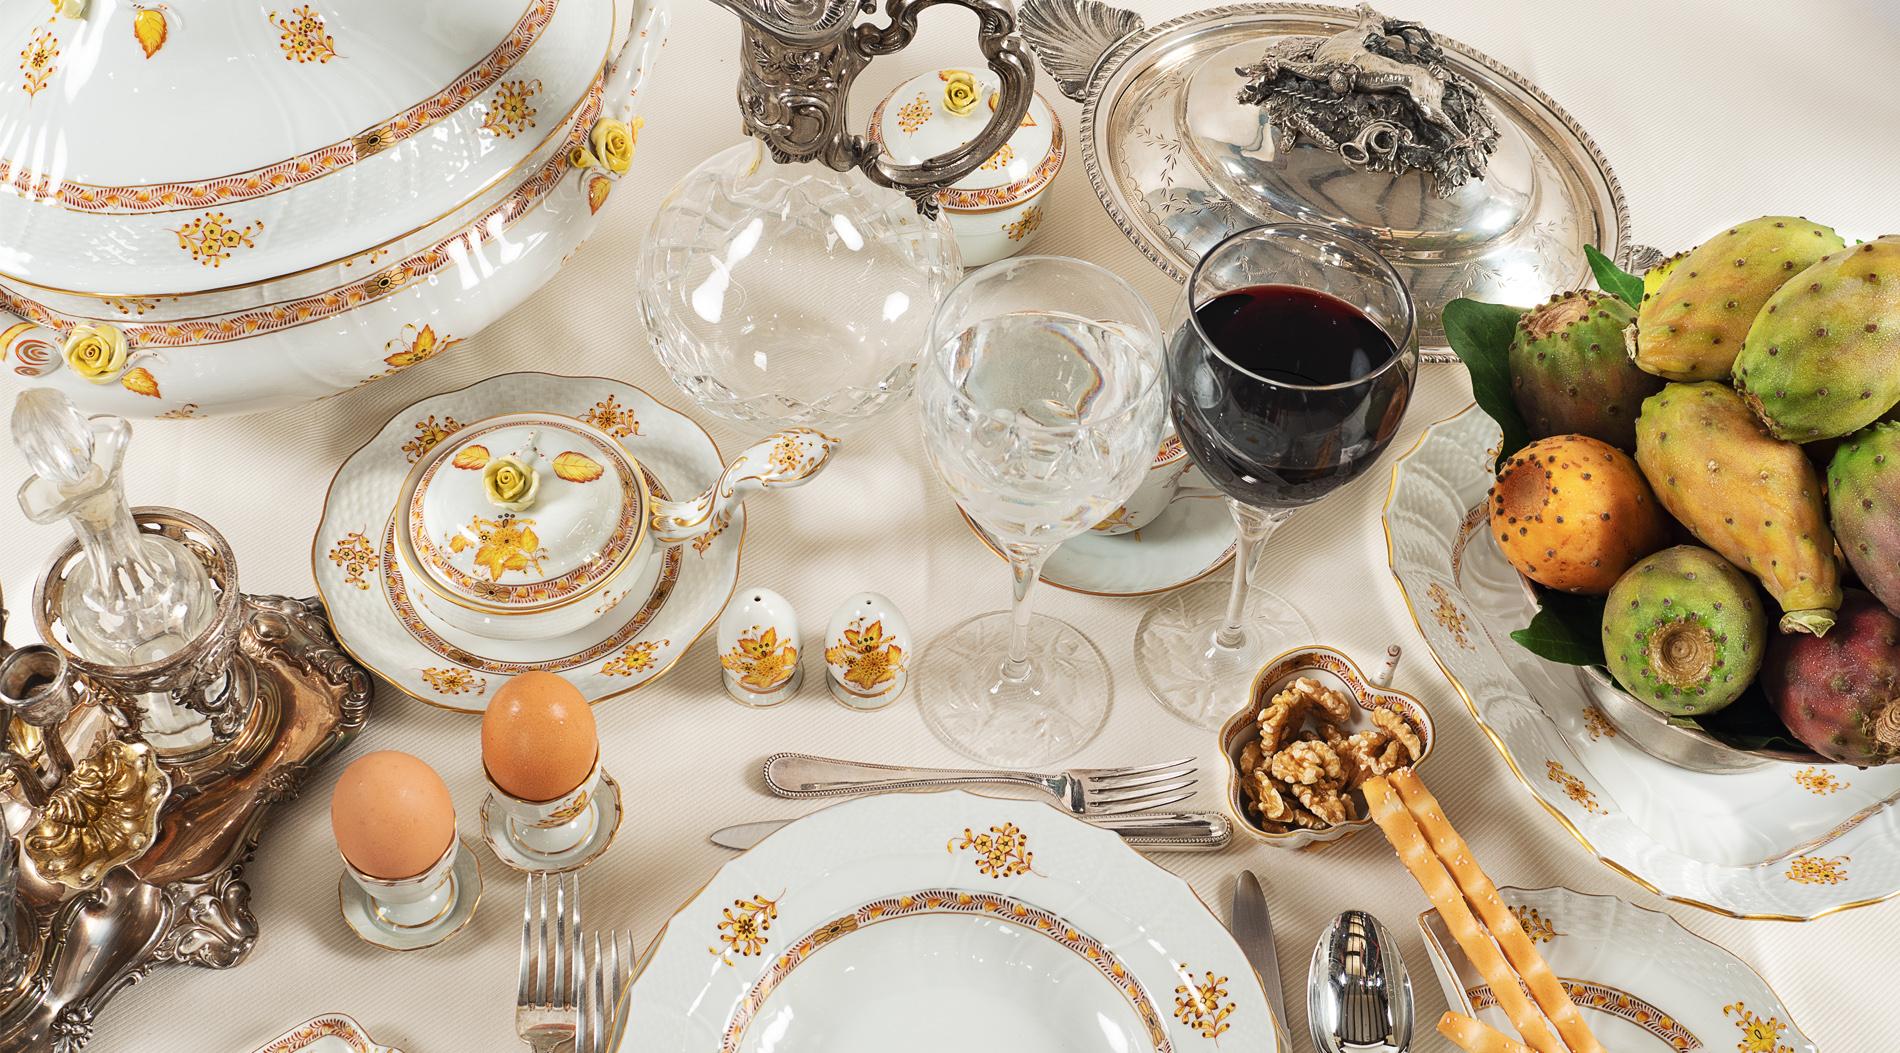 Appuntamento natalizio. La vendita di argenti e l'arte della tavola va in scena da Colasanti